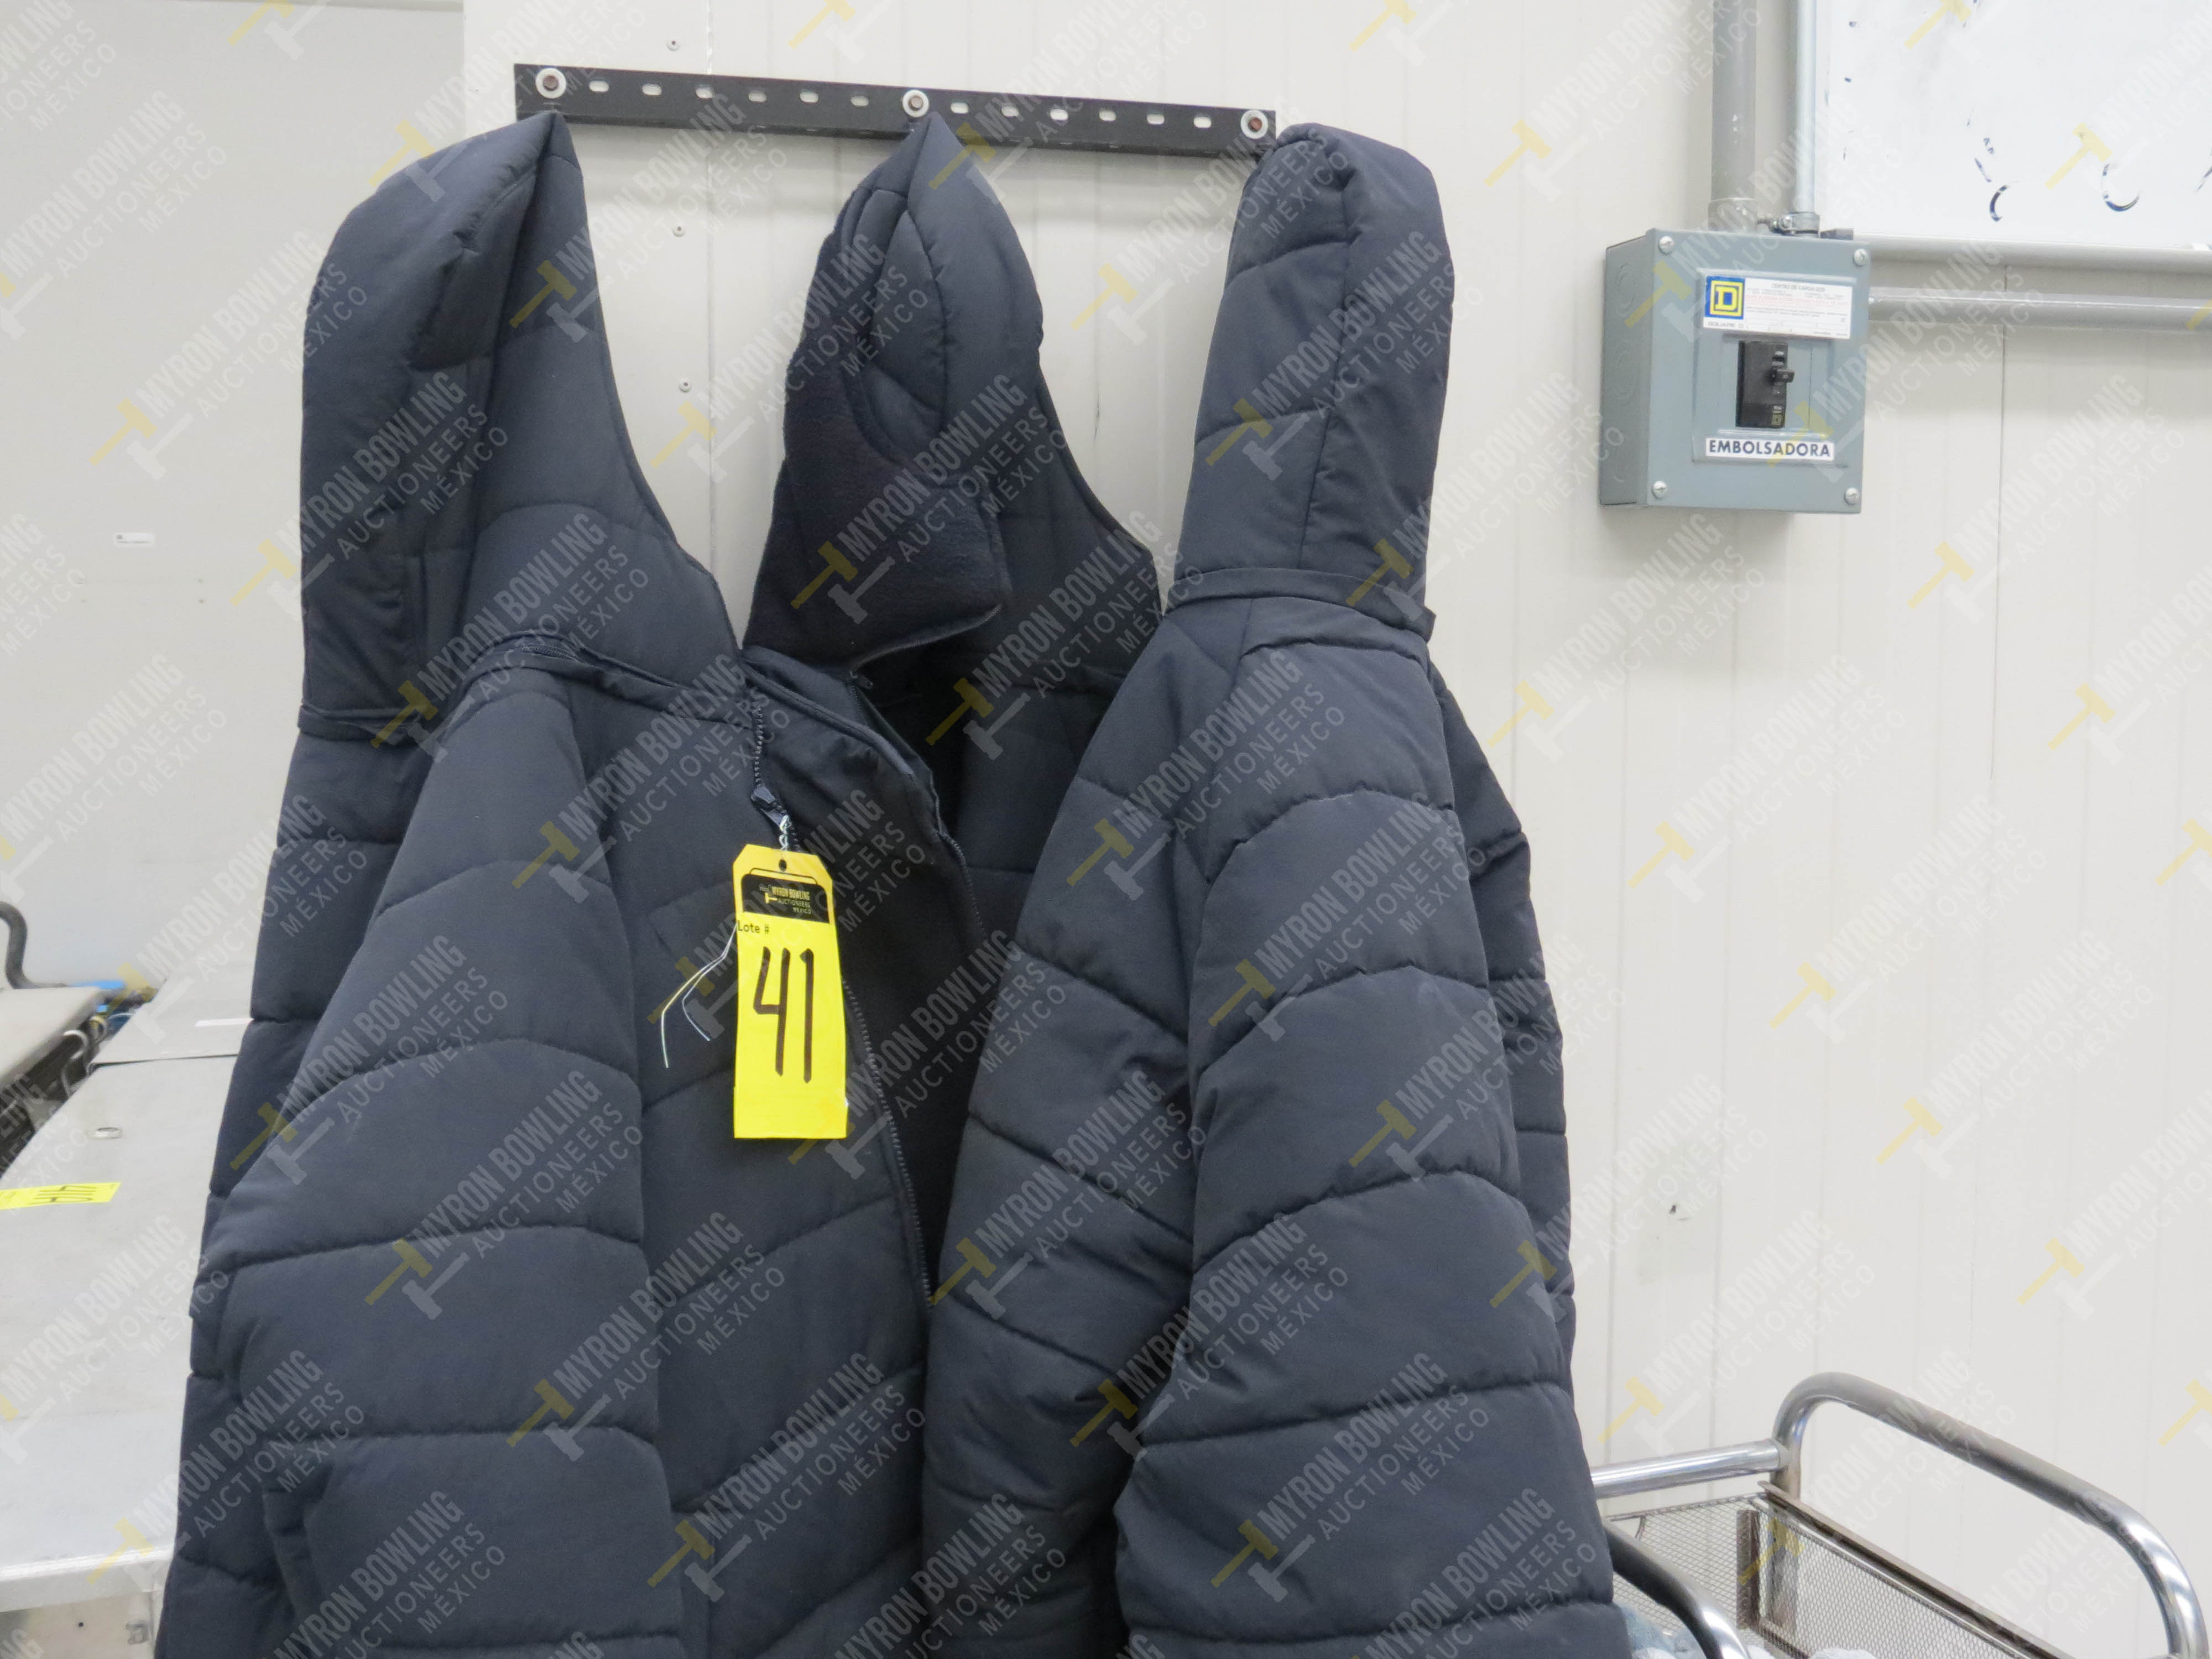 Cámara de refrigeración marca Krack, Modelo CSD-0301-L4K-133DD medidas 6.80 x 13.30 x 5.80 - Image 11 of 15